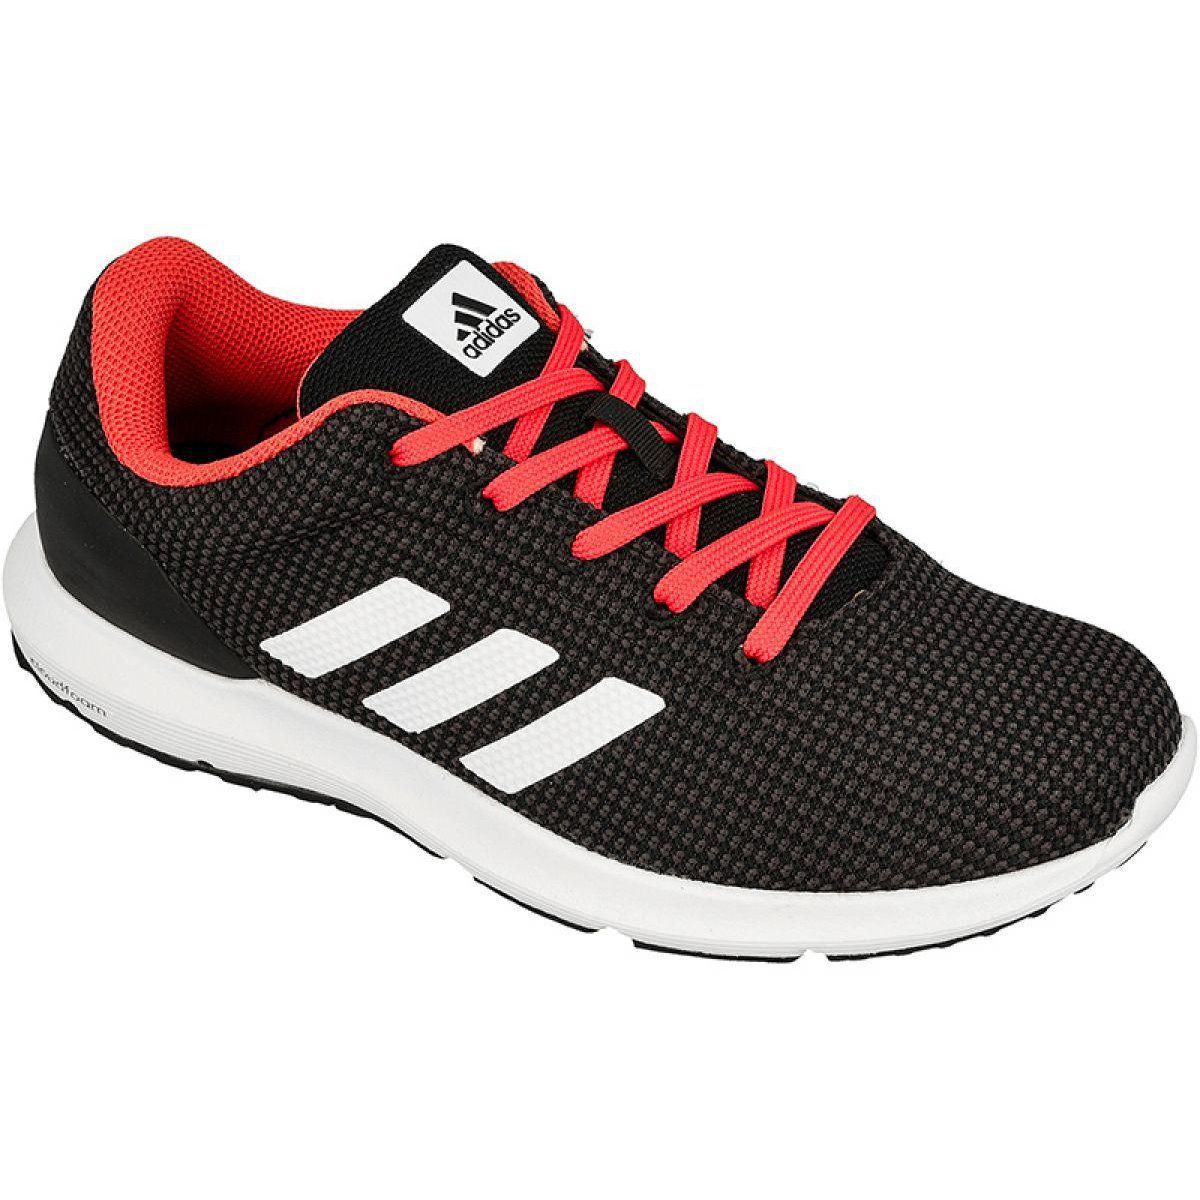 Buty Biegowe Adidas Cosmic W Bb4351 Czarne In 2020 Adidas Women Adidas Running Shoes